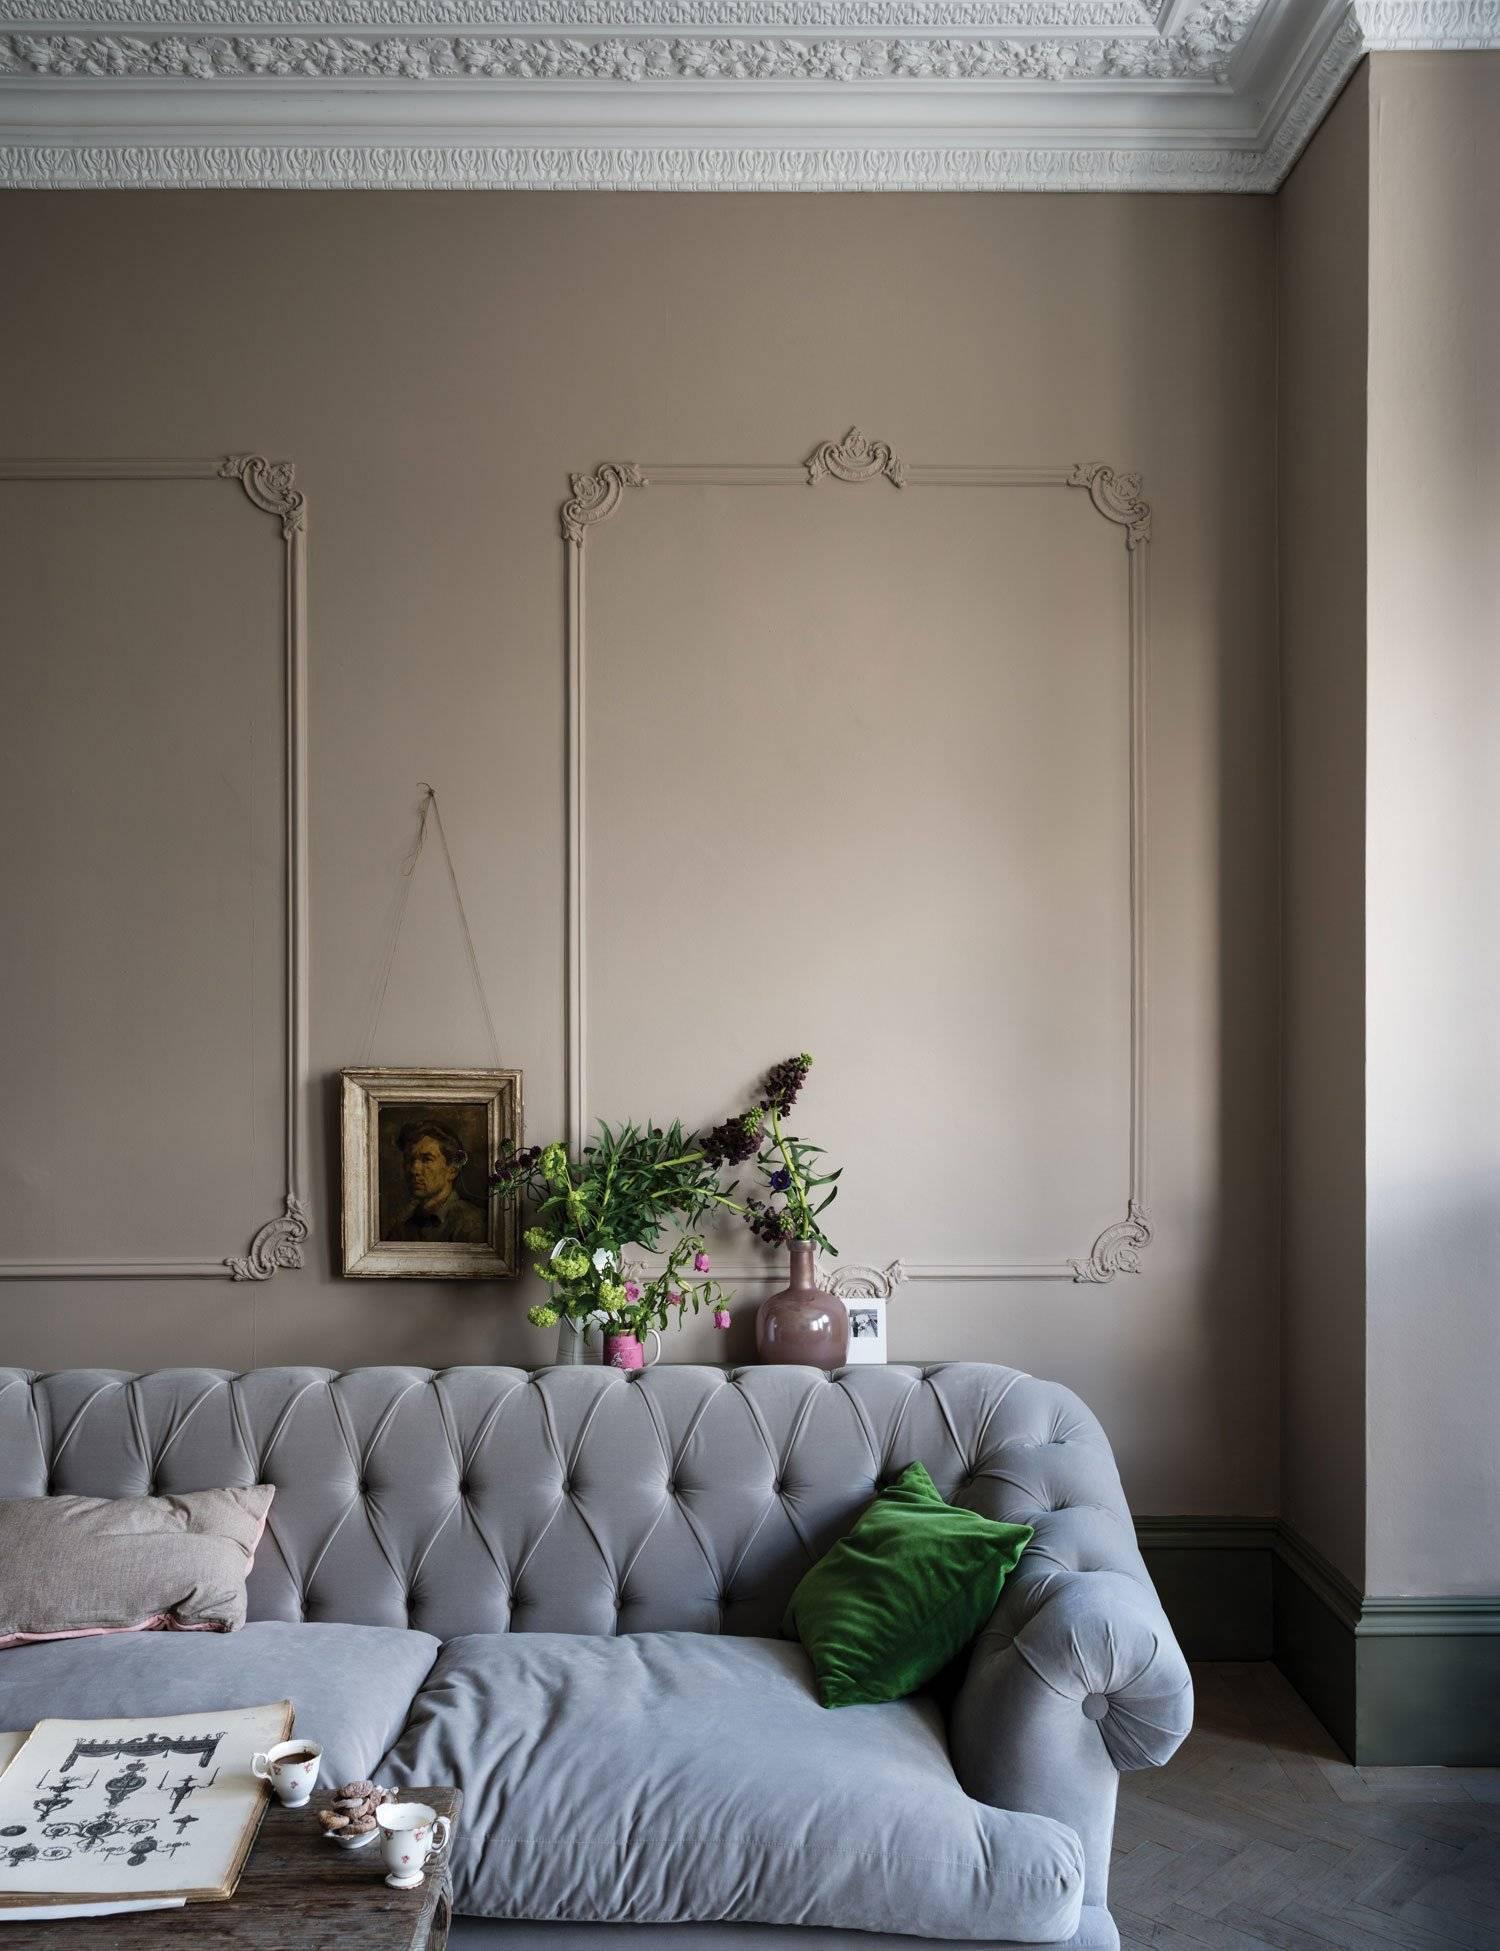 Молдинги в интерьере гостиной: советы по монтажу и дизайну